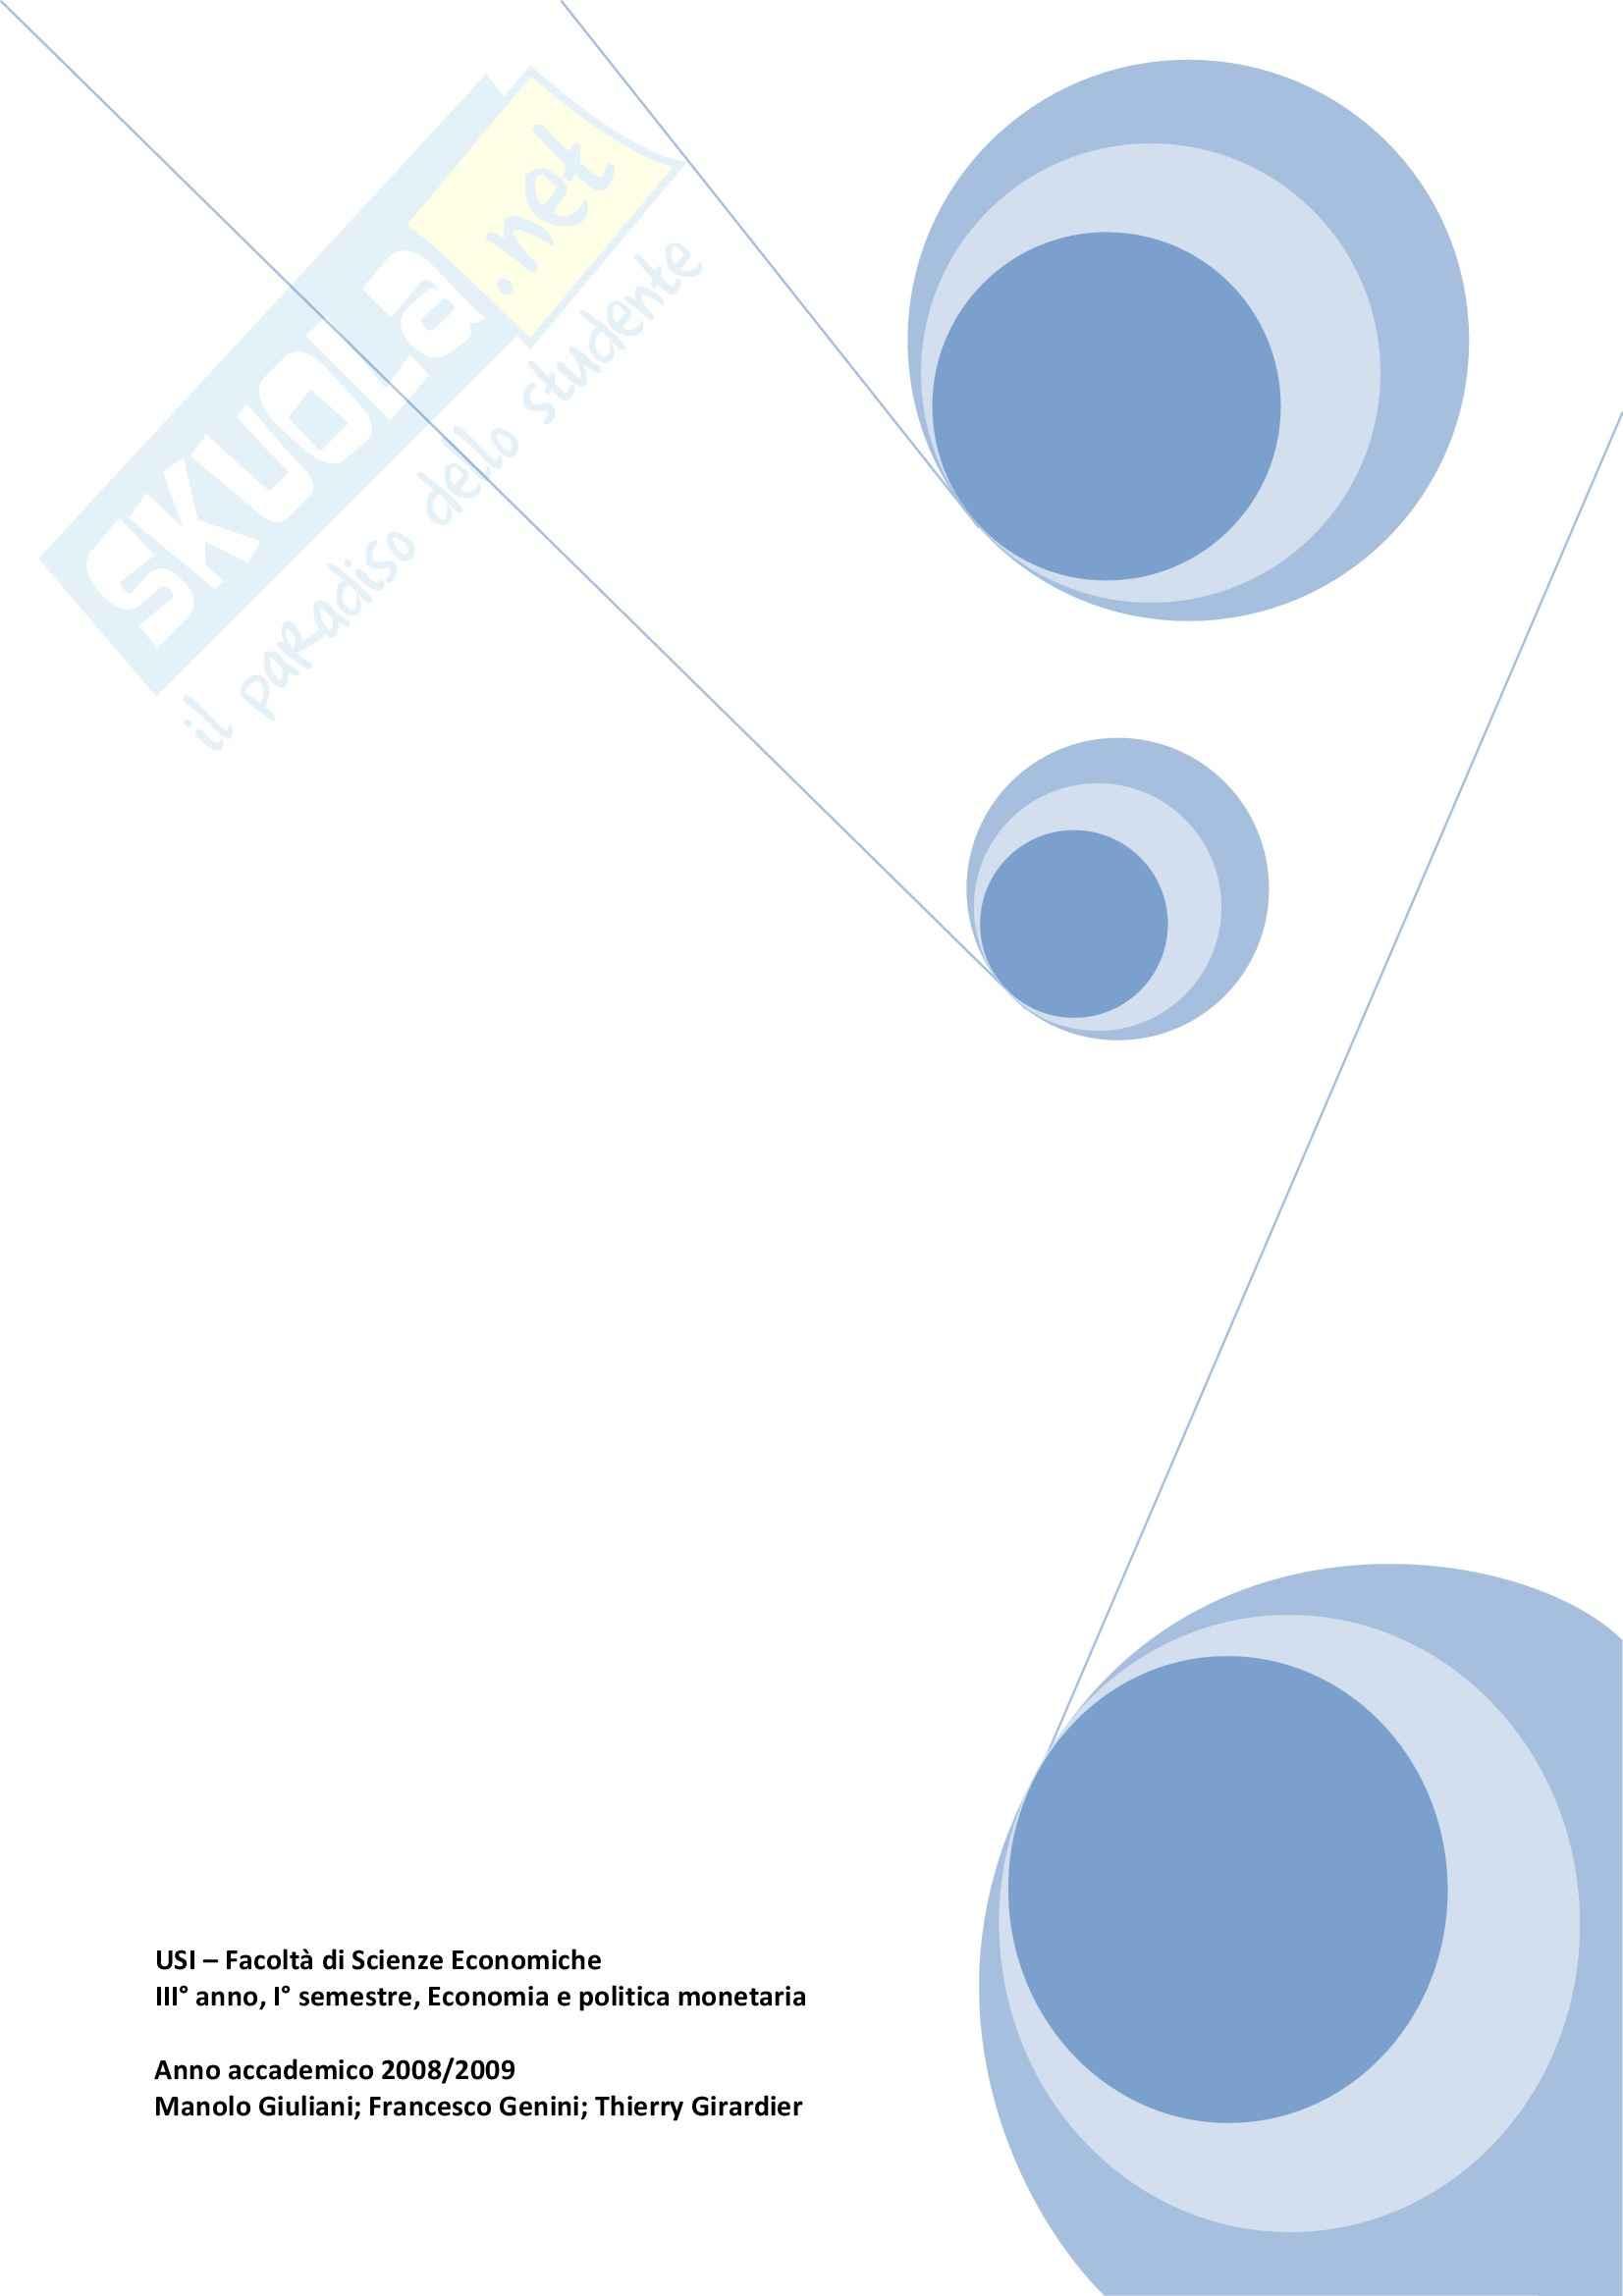 Riassunto esame Economia e politica monetaria, prof. Cencini, libro consigliato Elementi di Macroeconomia Monetaria